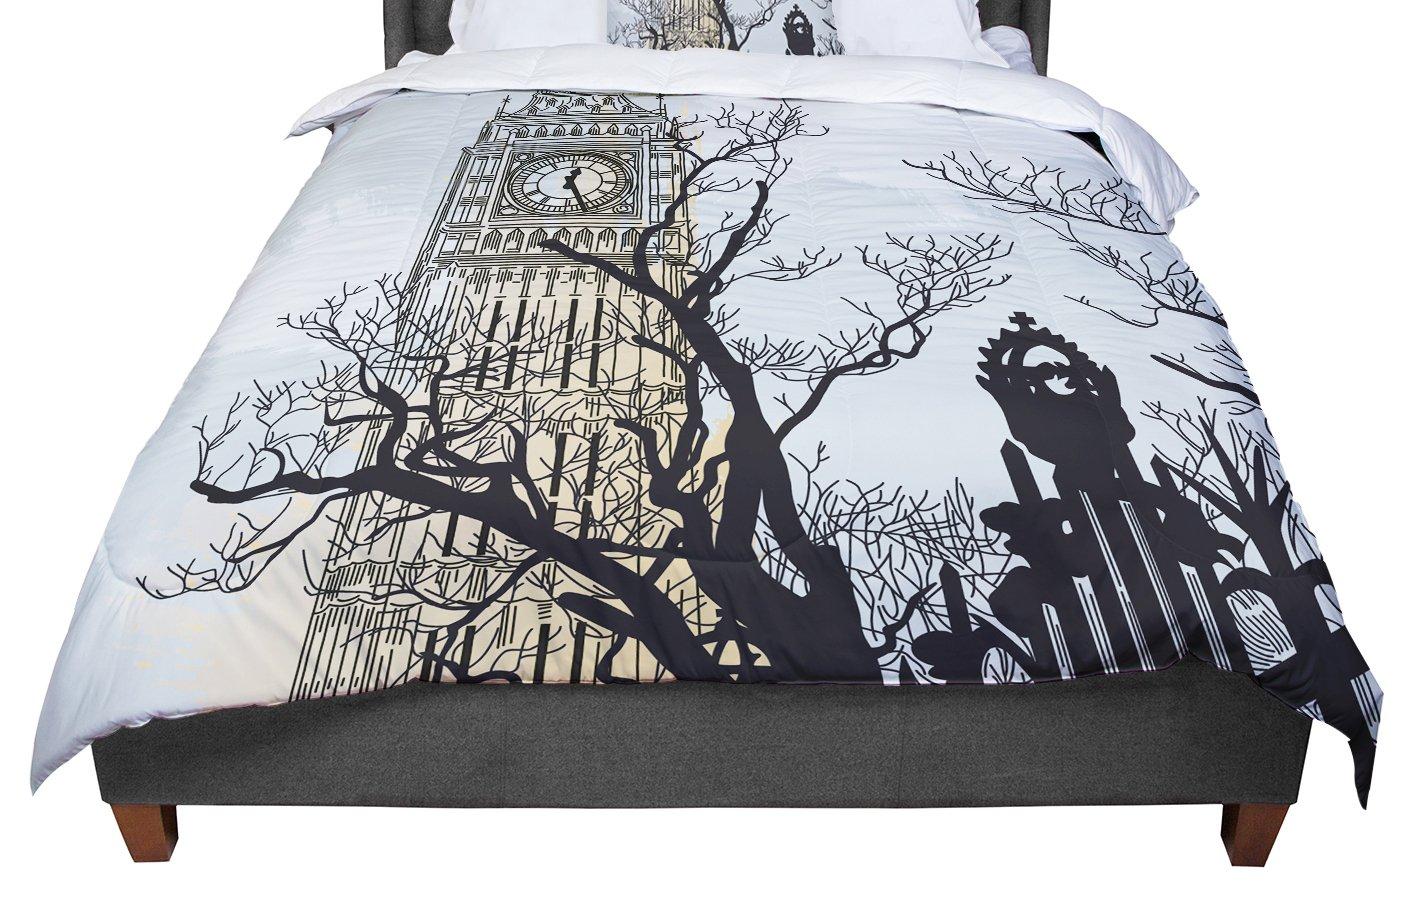 Cal King Comforter KESS InHouse Sam Posnick Big Ben King 104 X 88